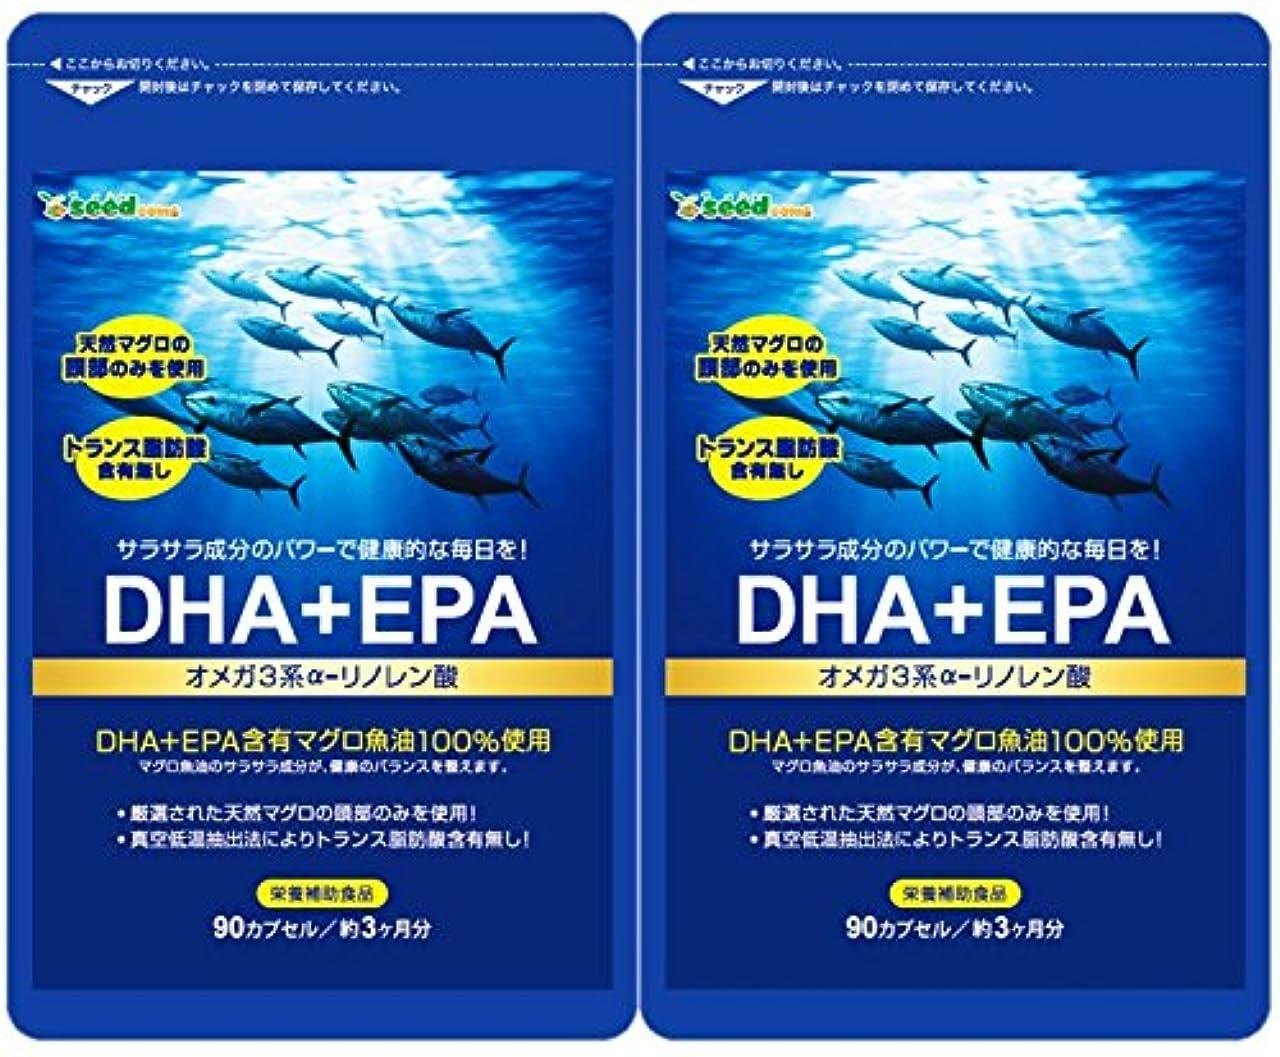 のれん旋回説明DHA + EPA (約6ヶ月分/180粒) トランス脂肪酸 0mg ビンチョウマグロの頭部のみを贅沢に使用!